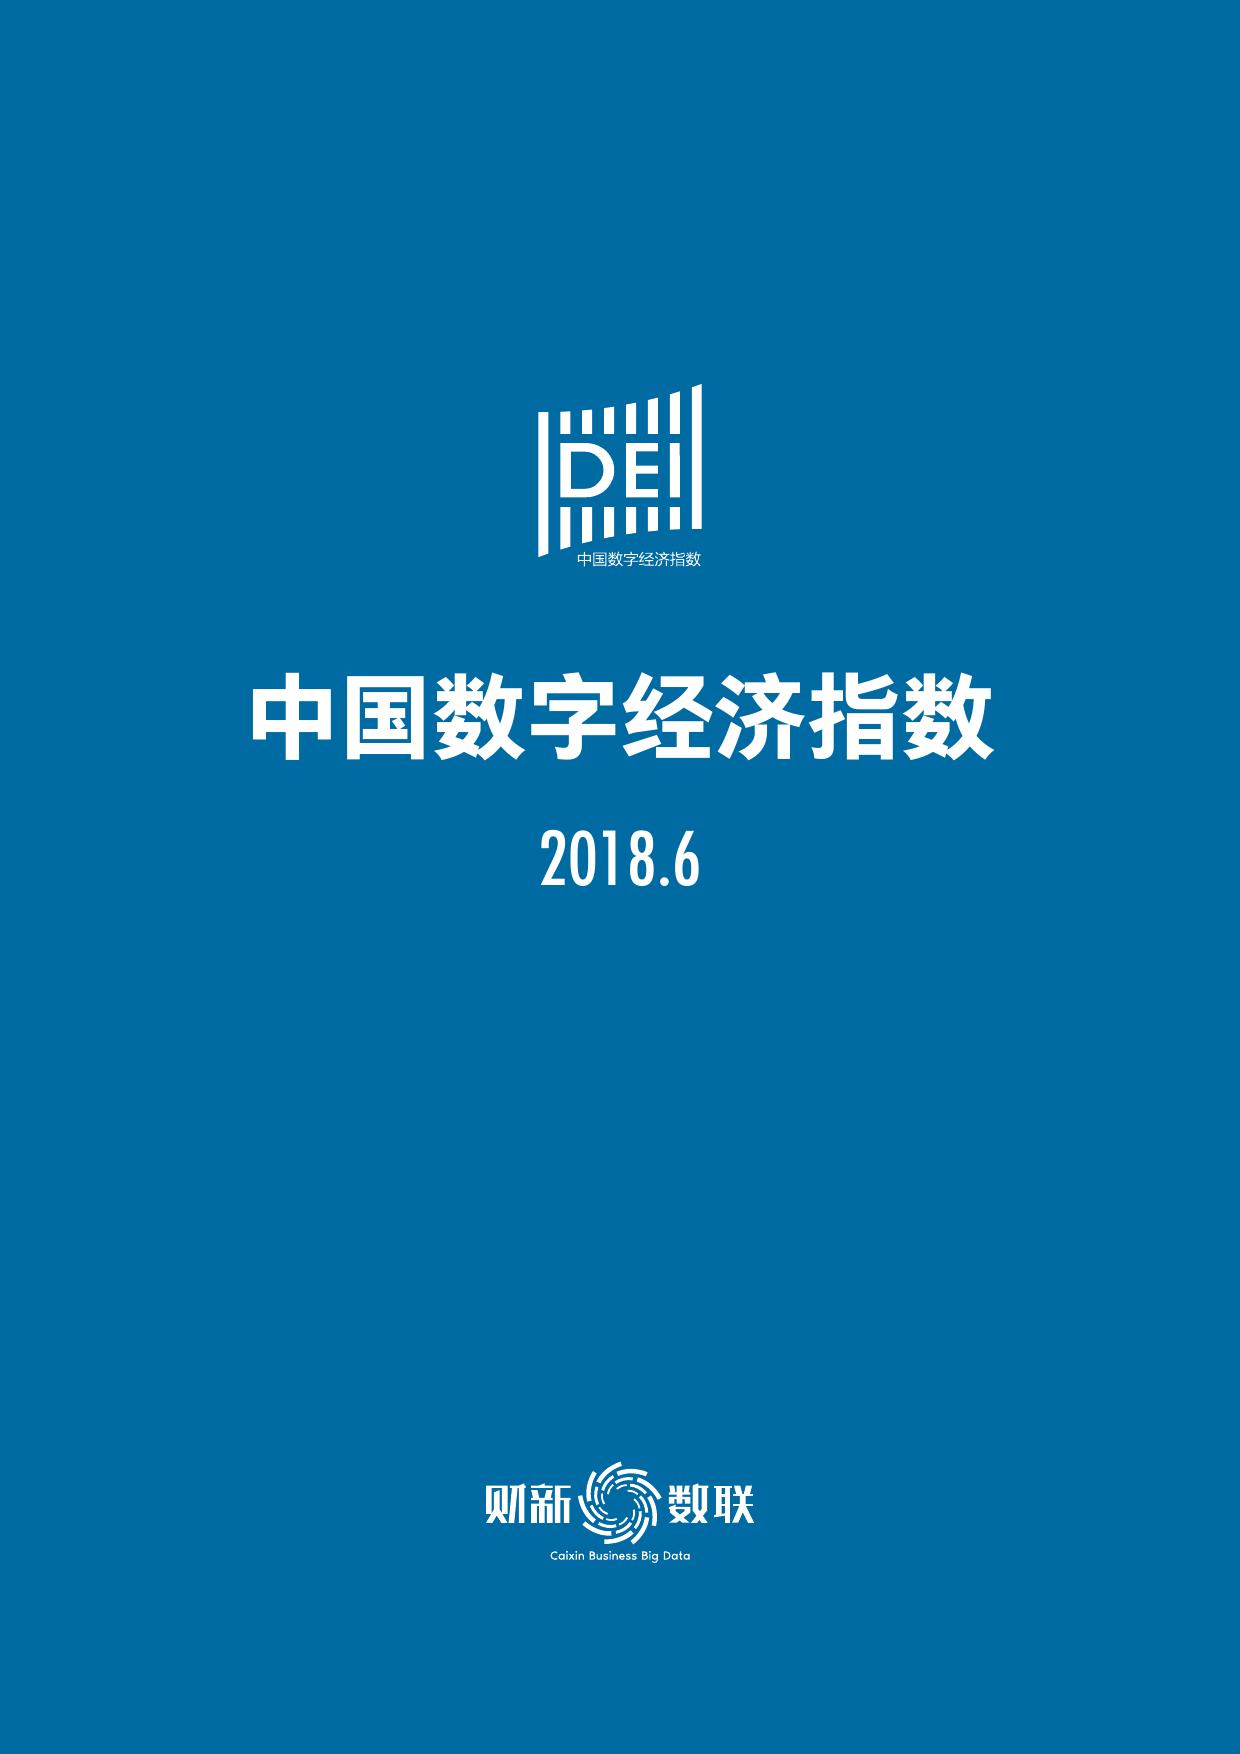 8月8日,电商智库电子商务研究中心发布《2018年(上)中国电子商务用户体验与投诉监测报告》(全文下载: http://www.100ec.cn/zt/18yhts/),迄今已发布14次,被视为电商315风向标,有262家电商成为热点投诉对象。报告发布了多份消费评级榜,共计75家上榜,分别是:1)综合零售电商榜:天猫/淘宝、京东、苏宁易购、唯品会、有赞、蘑菇街、当当、拼多多、网易严选、云集、返利网、国美互联网、闪电降价、转转、萌店;2)垂直零售电商榜:贝贝网、绿森数码、途虎养车、华为商城、优购网、可得眼